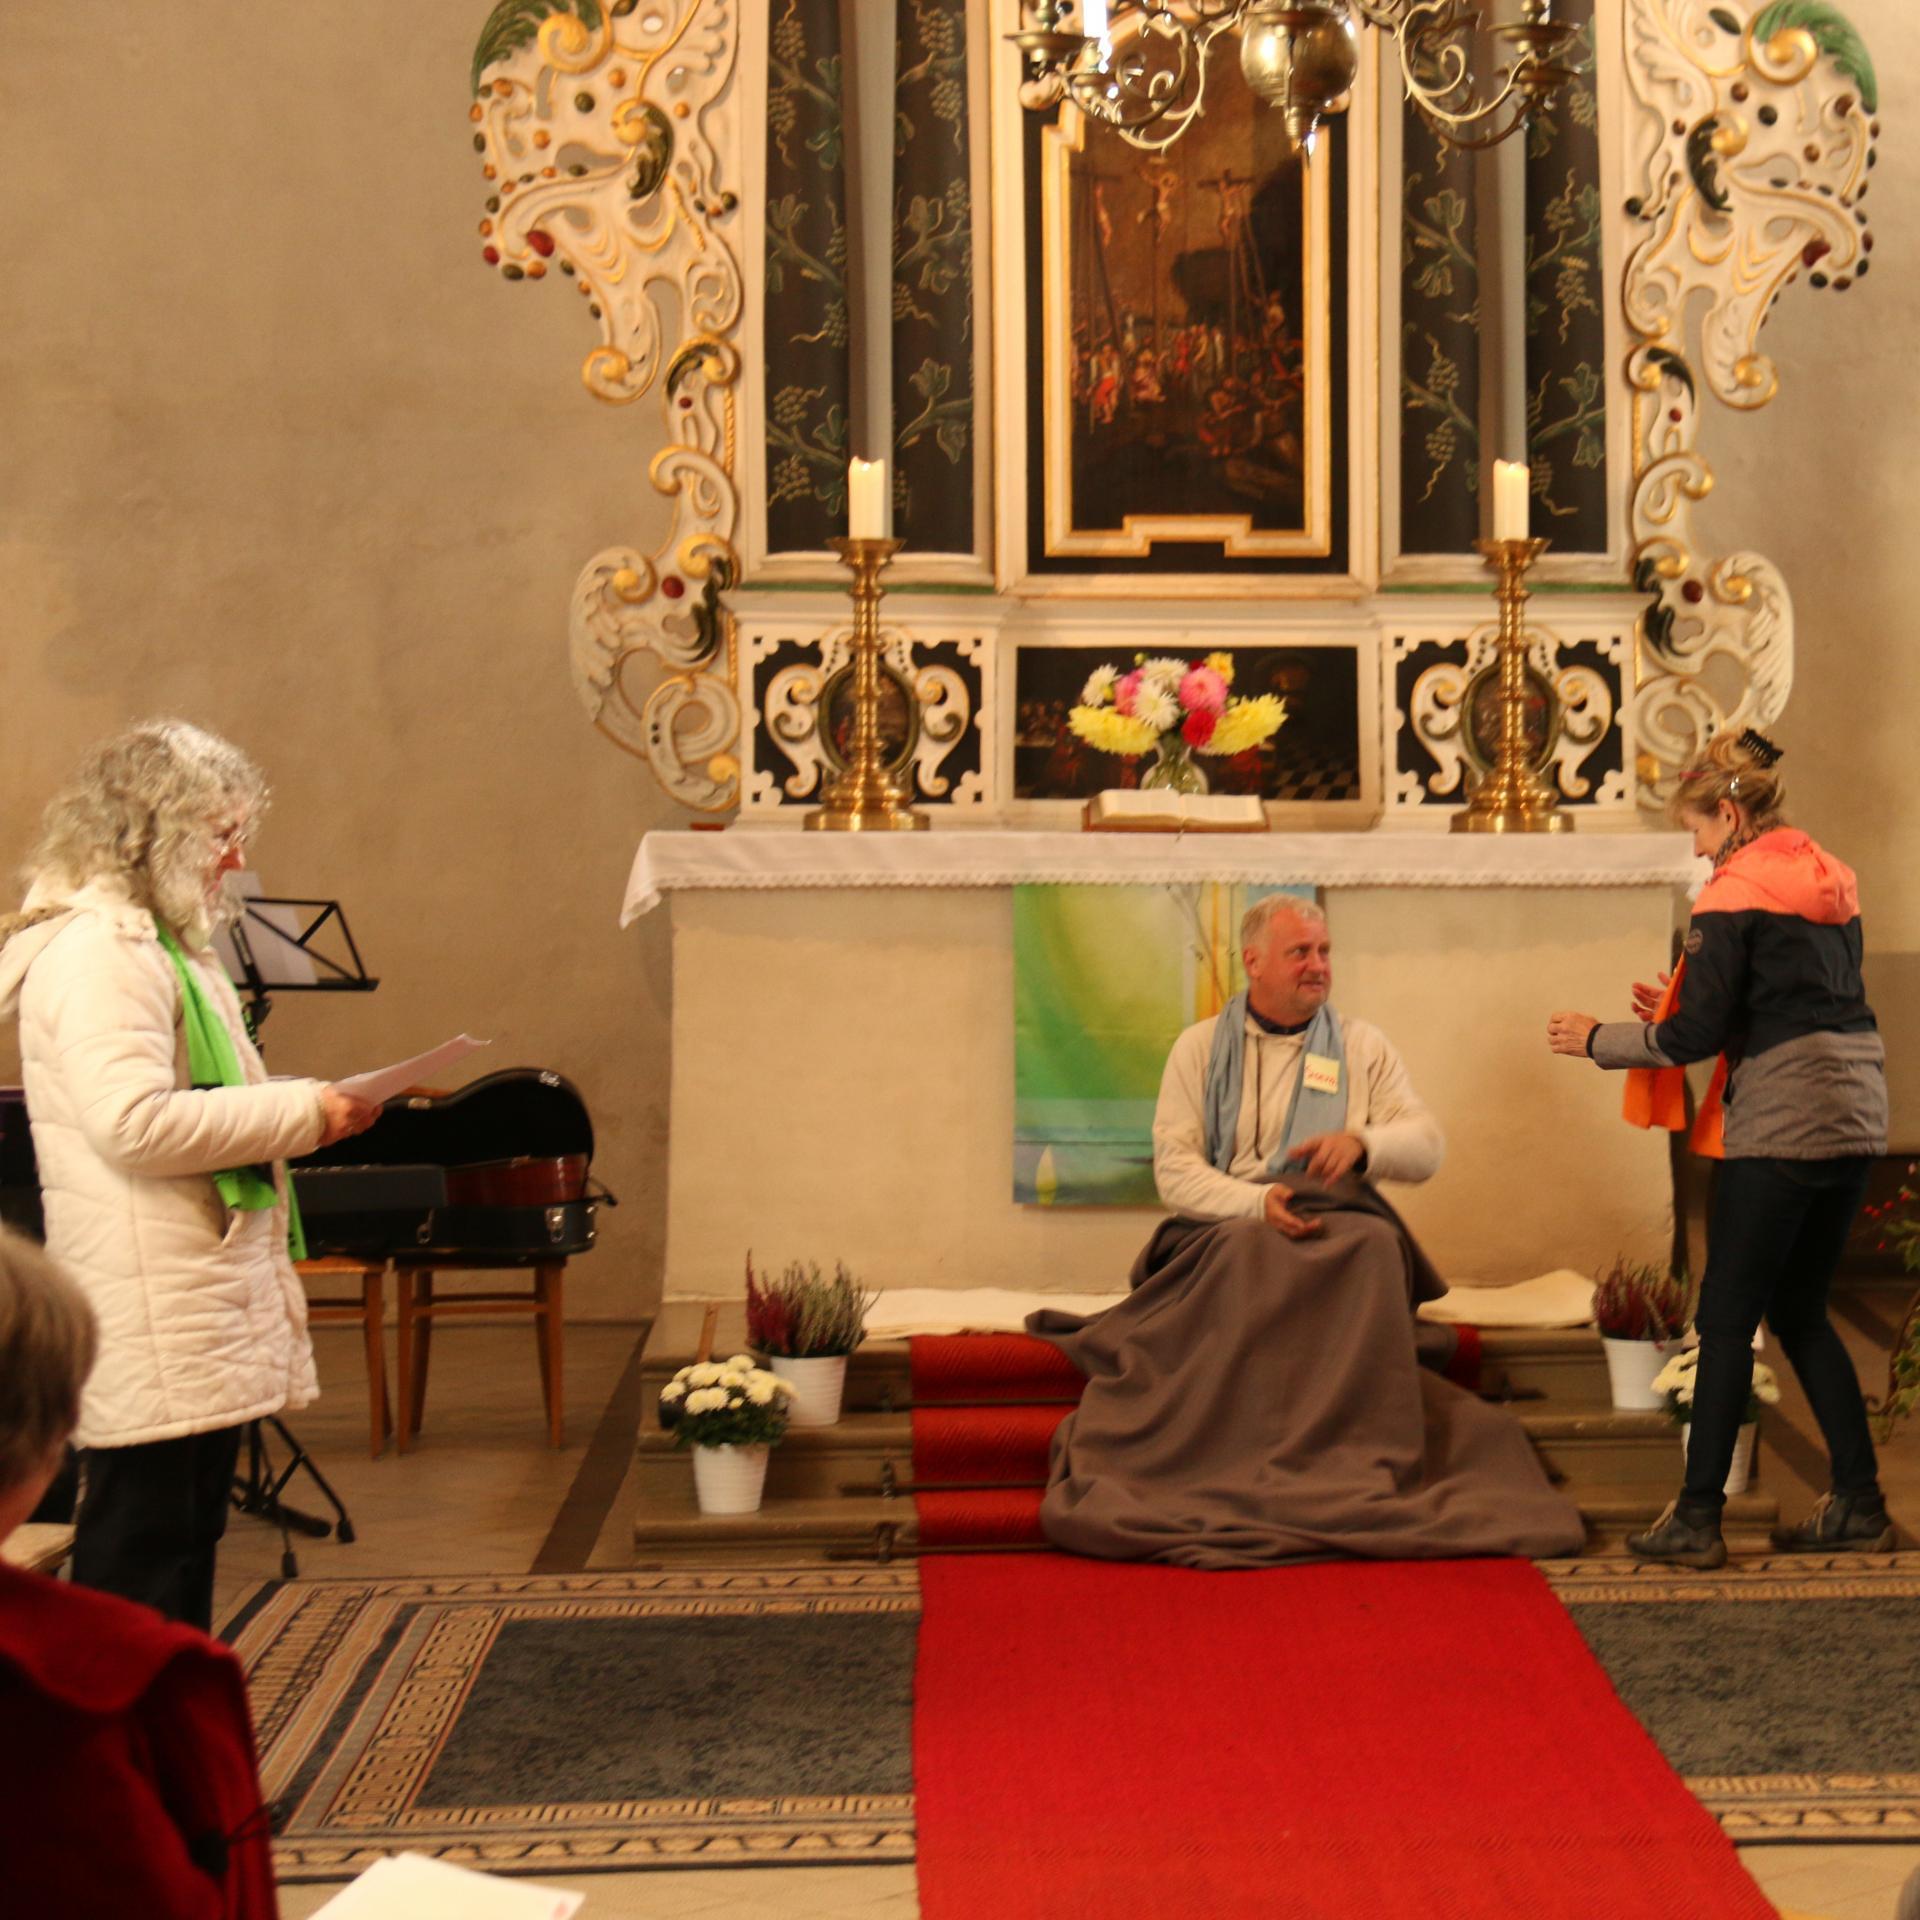 Mirjam-Gottesdienst am 10.10.2021 in Kremmen